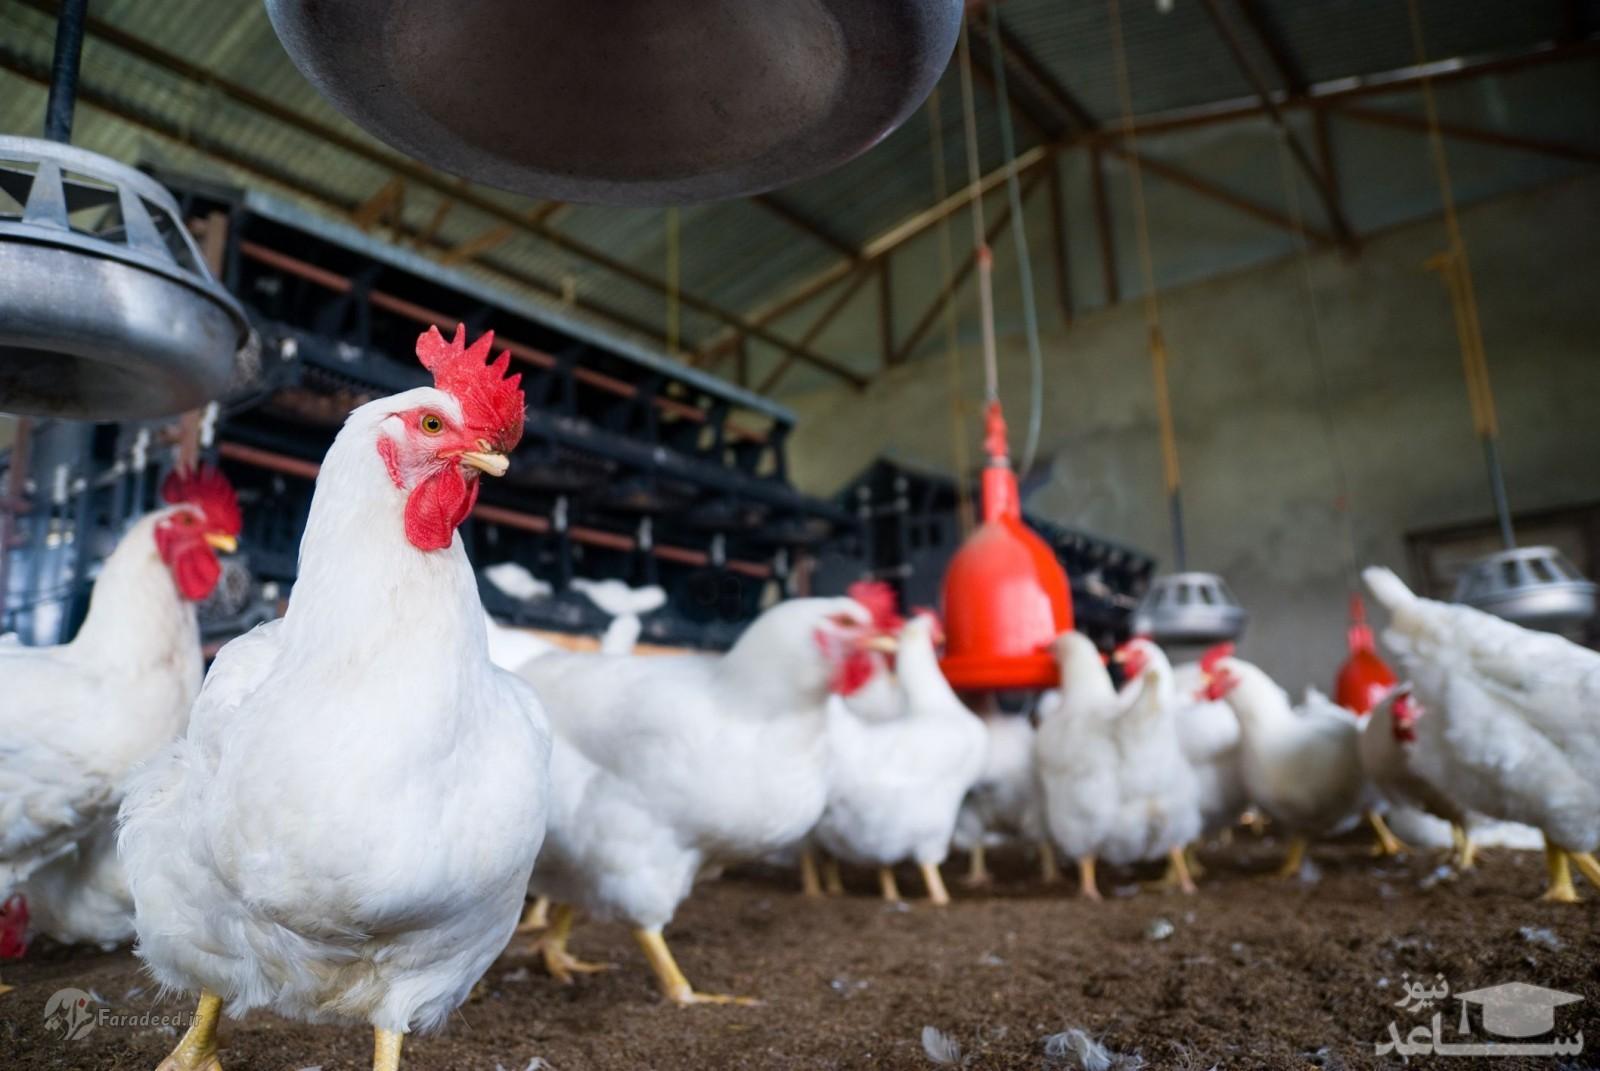 دلیل گران شدن غیرمنتظره مرغ چیست؟